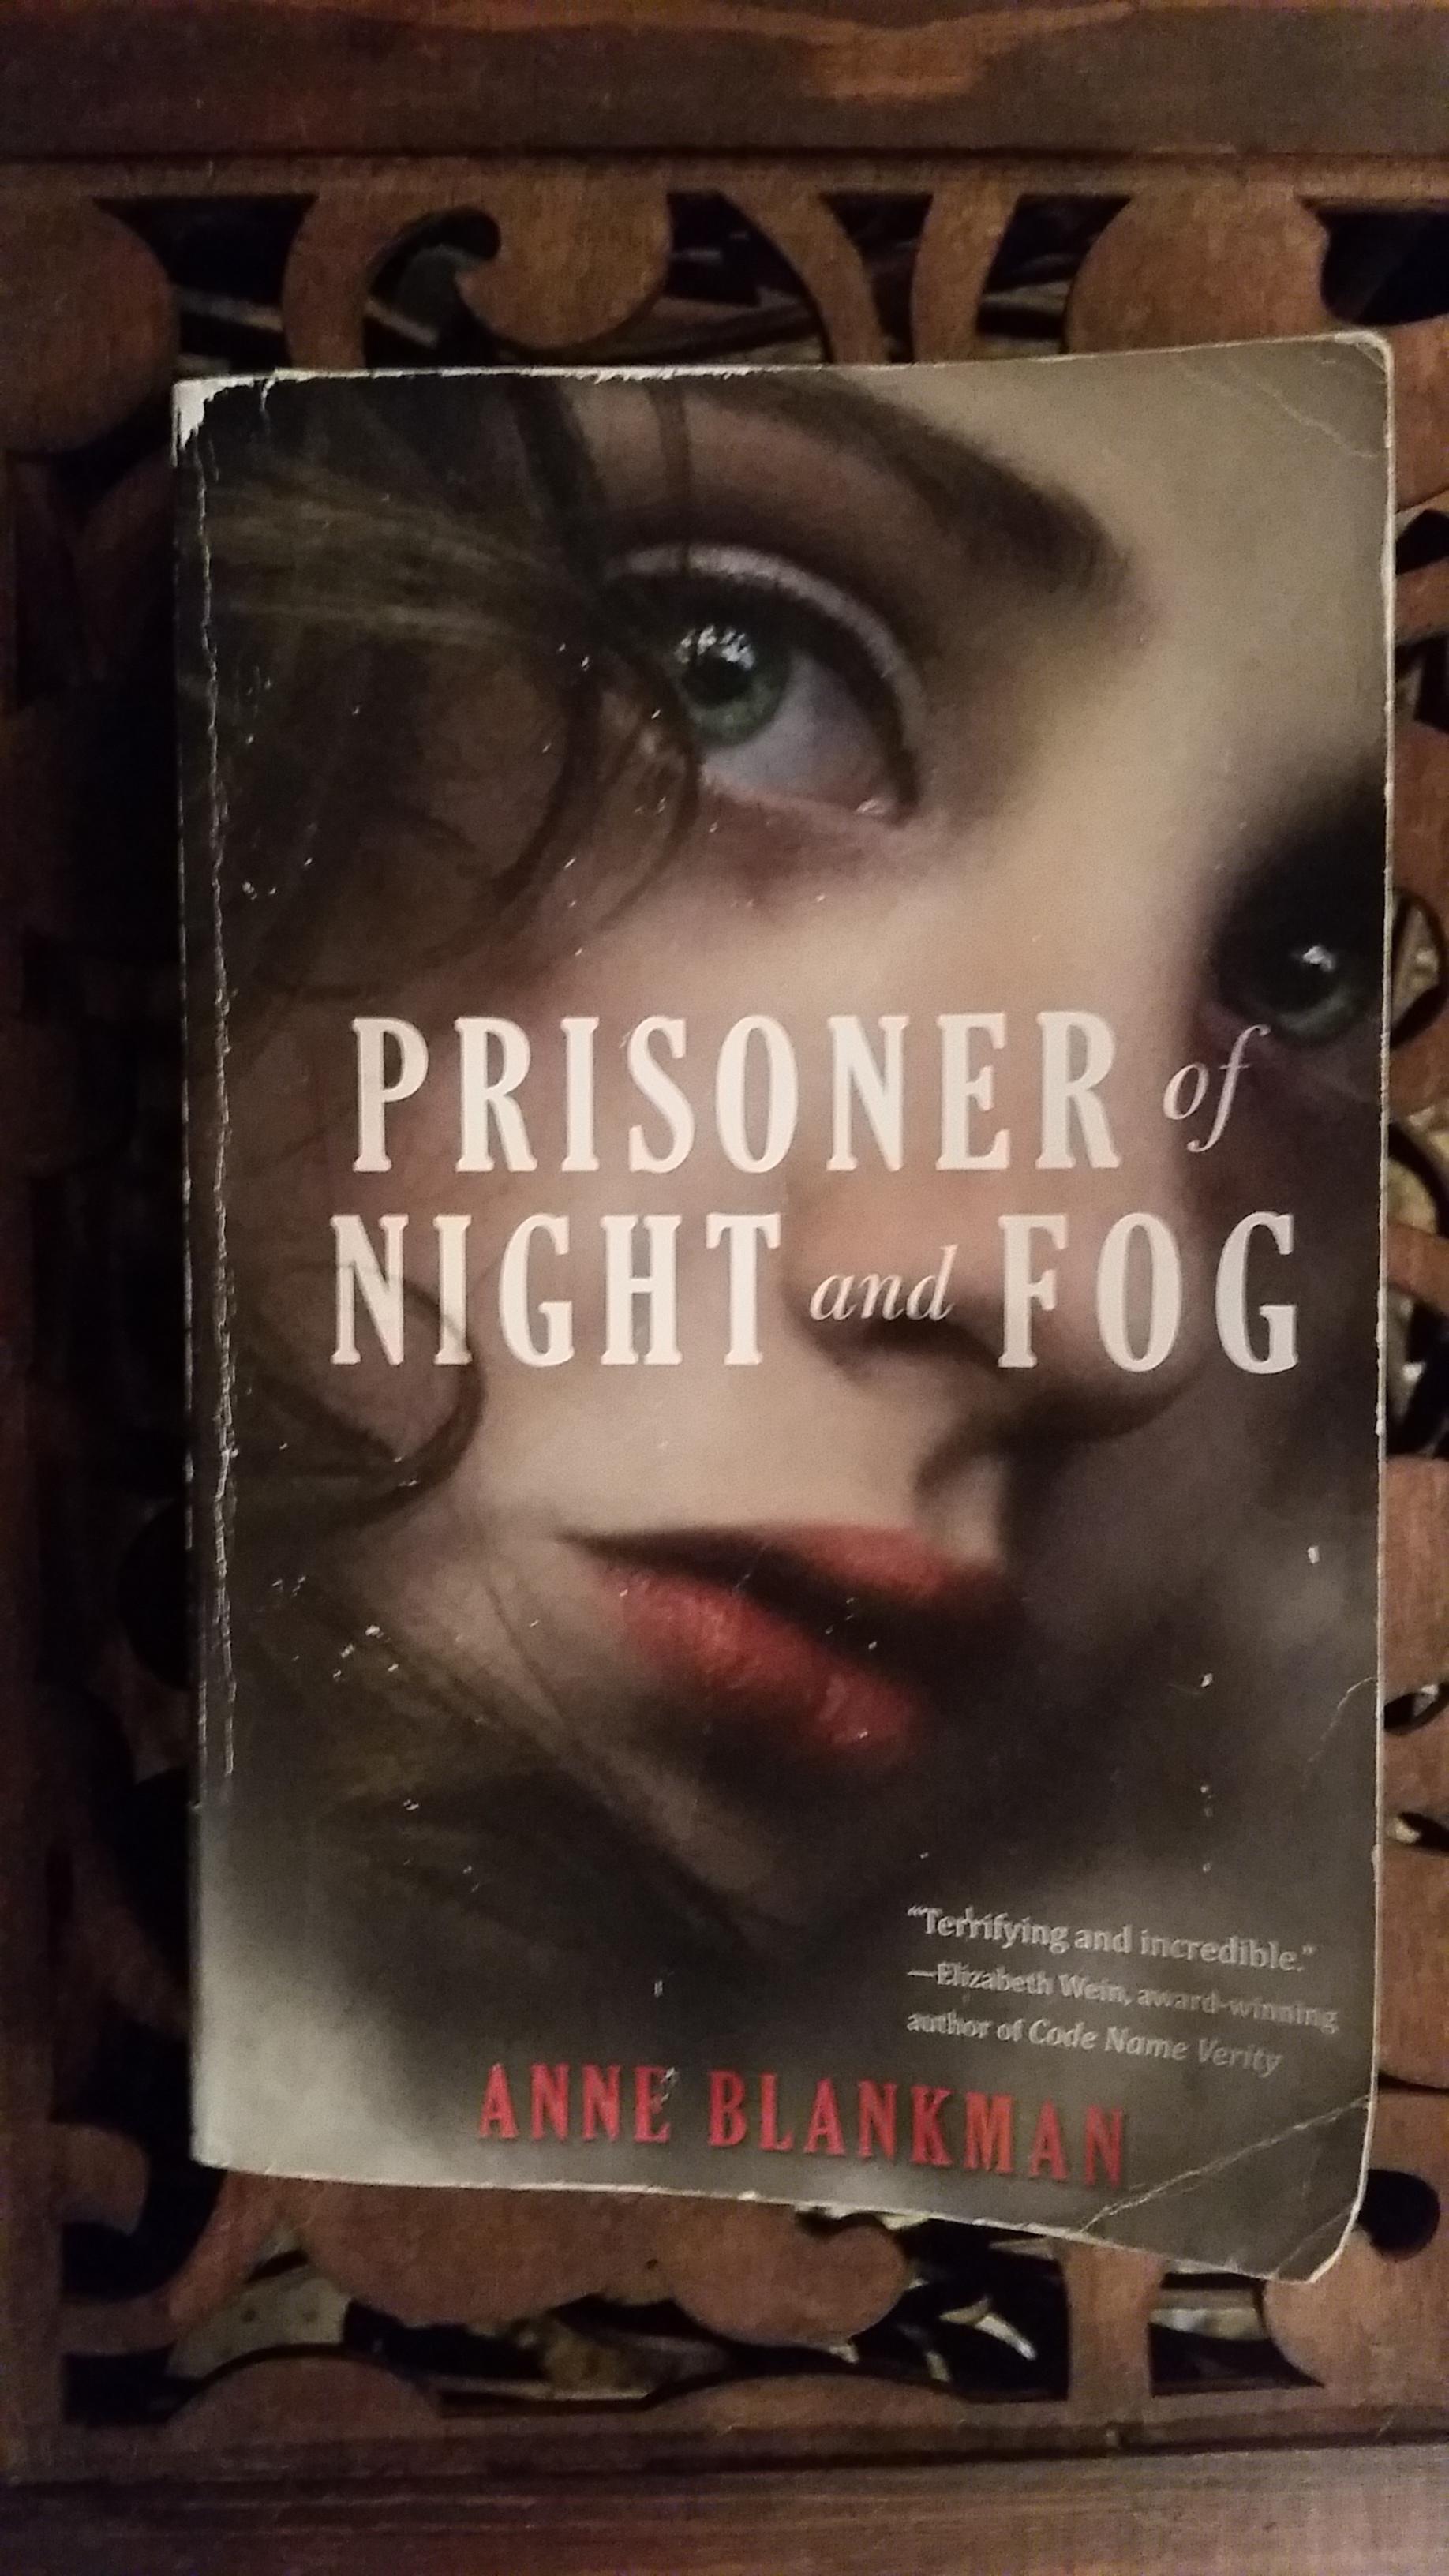 Prisoner of Night and Fog Cover Photo.jpg